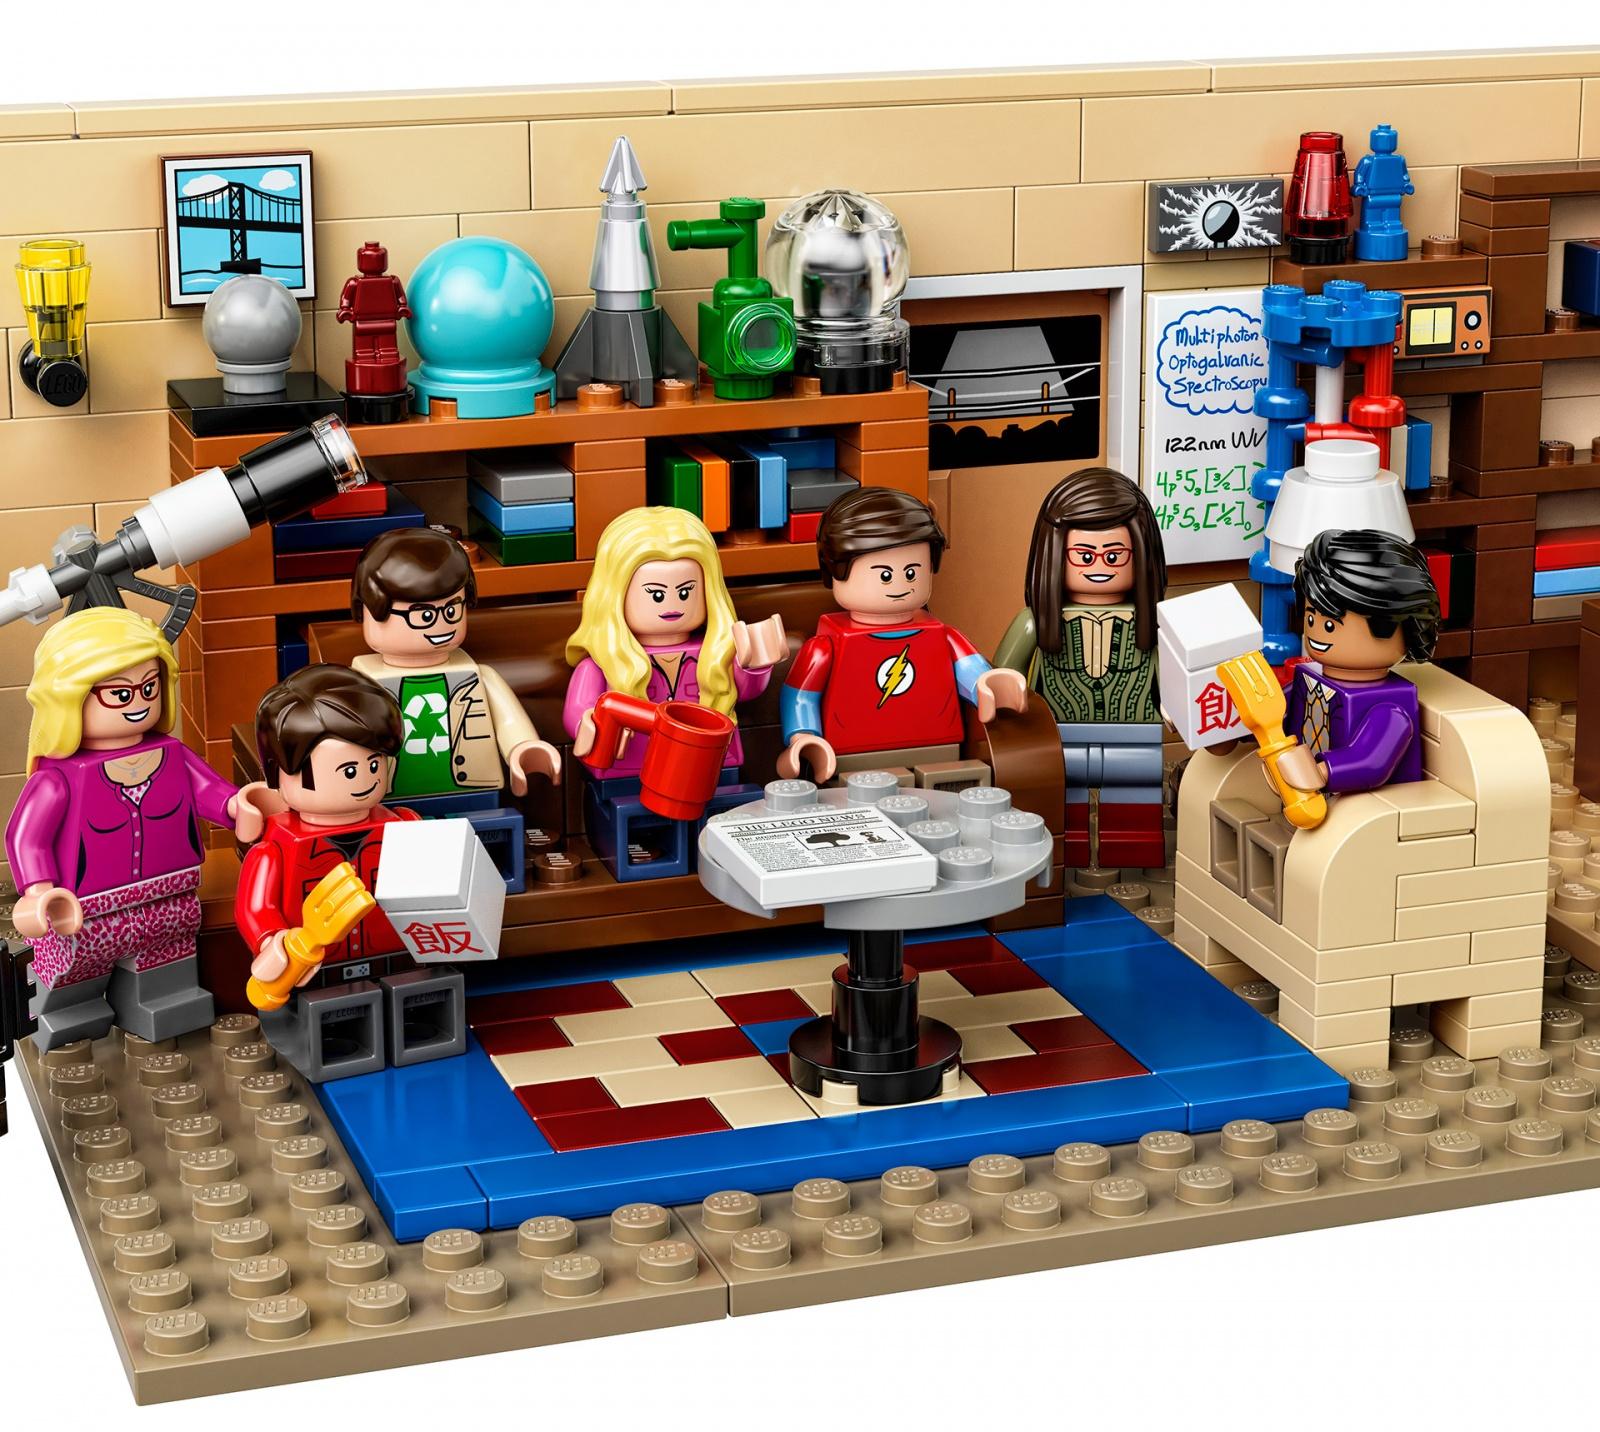 Lego Ideas: как авторские идеи превращаются в конструкторы - 6